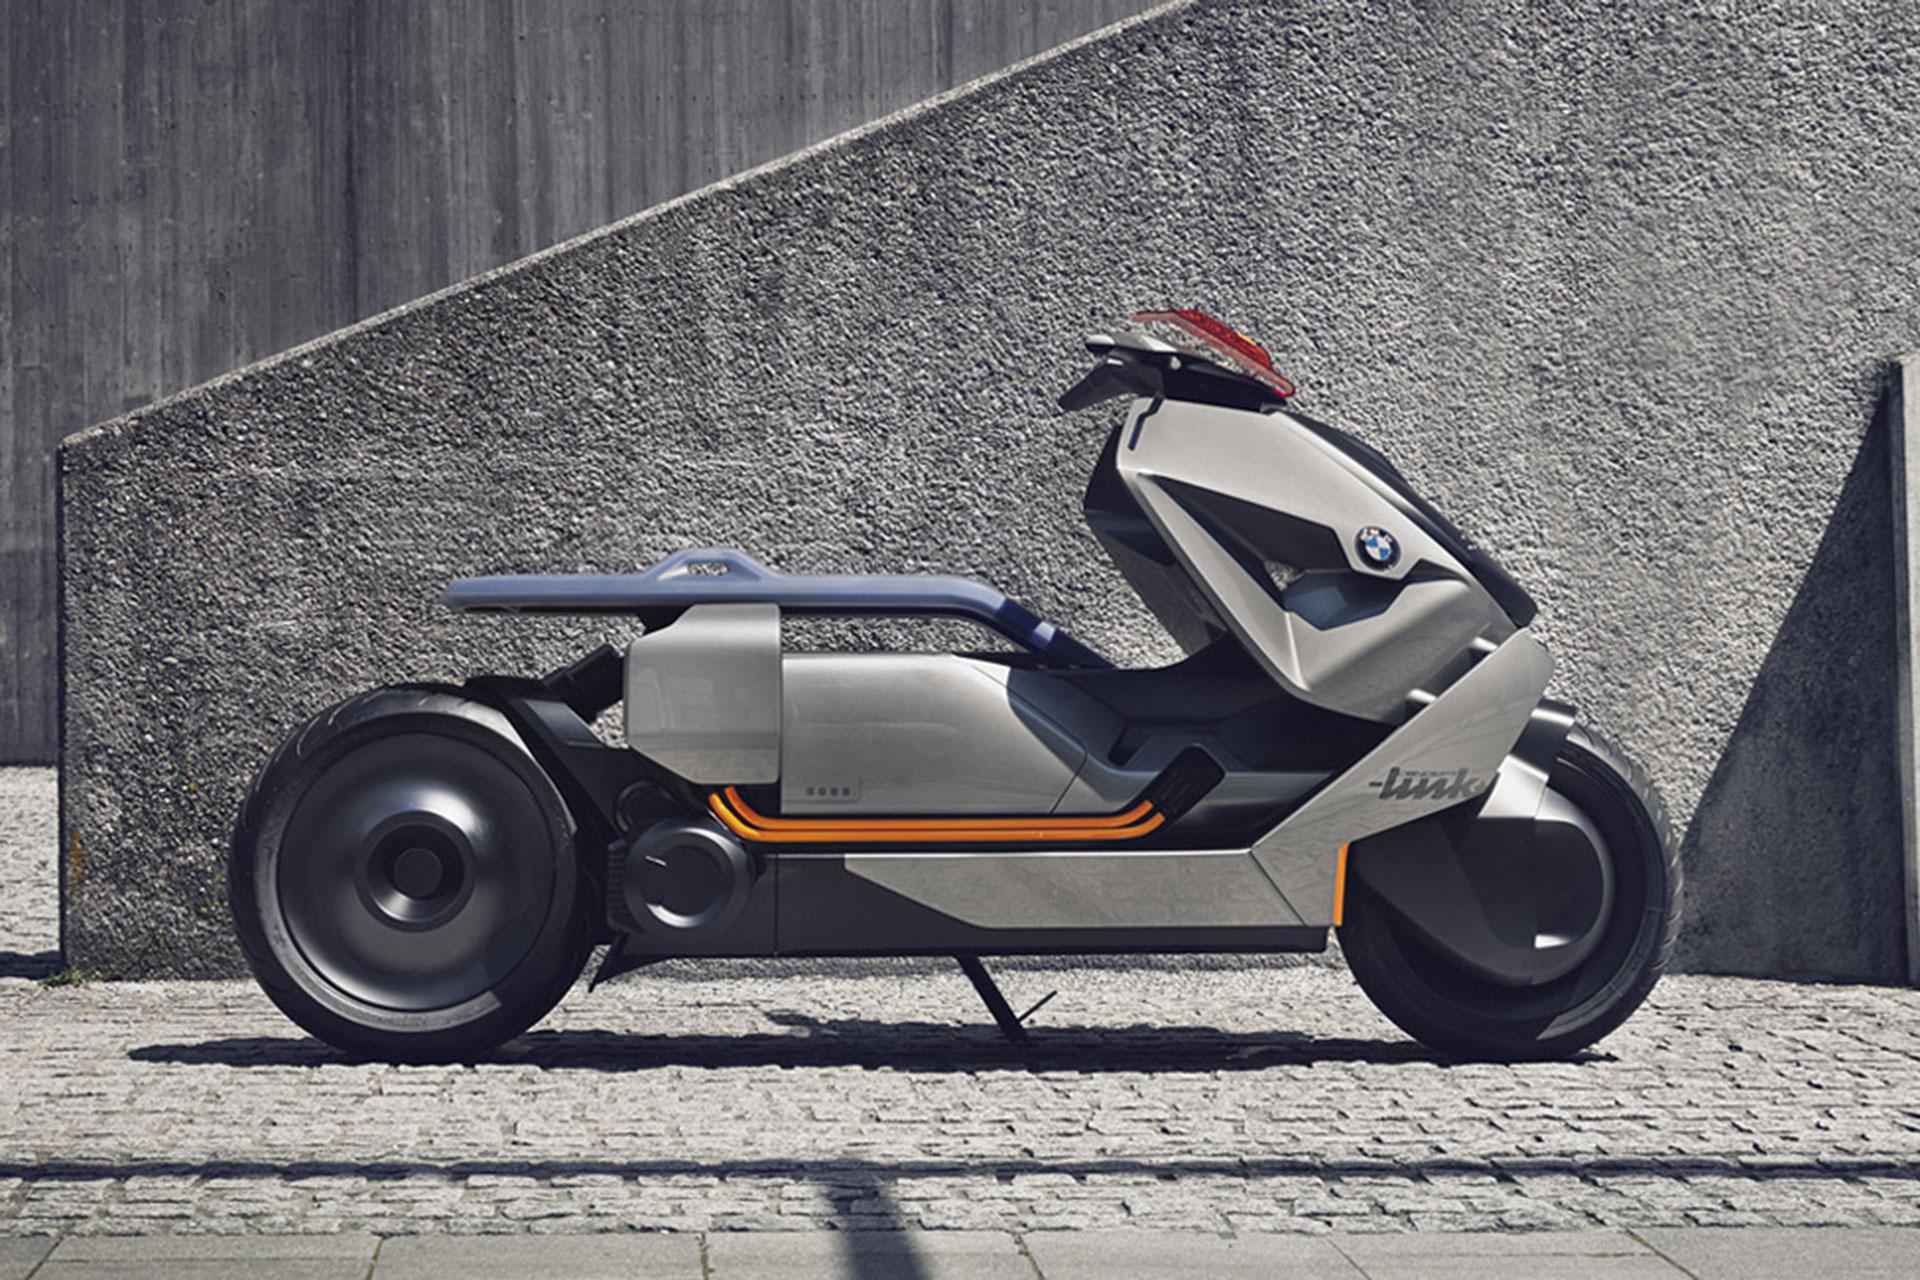 bmw-motorrad-concept-link-designboom-05-26-2017-fullheader.jpg